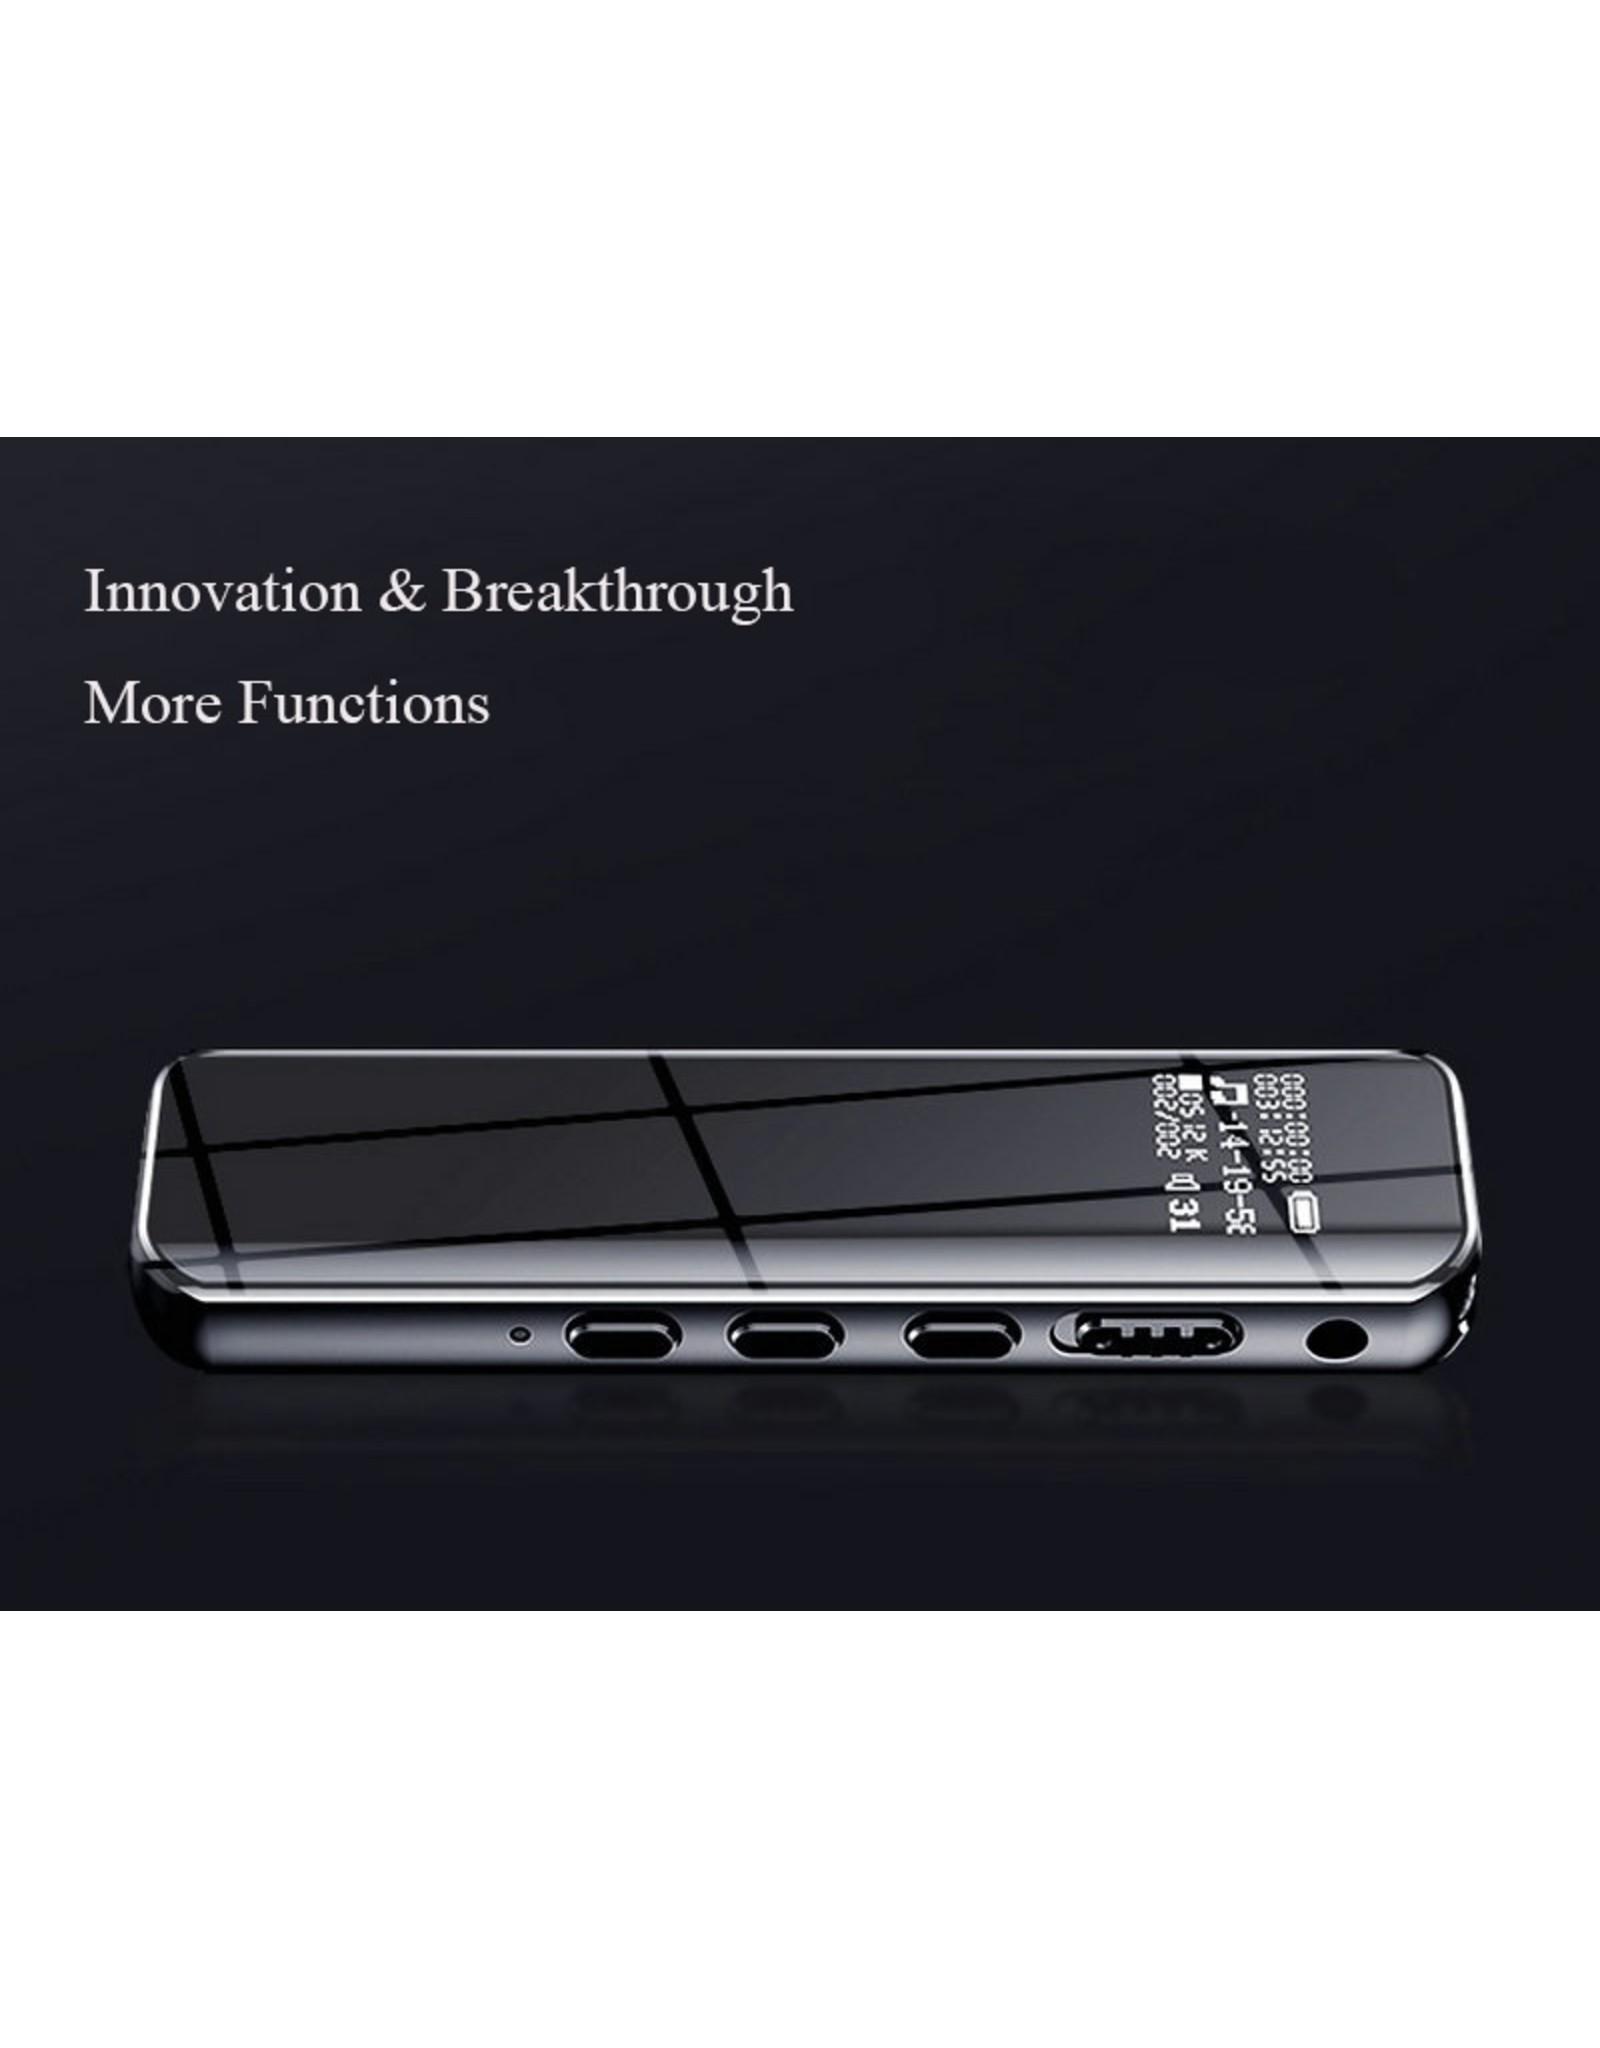 8gb Digitale spraakrecorder Sneltoets Geluid Audio-opname Dubbele microfoons Ruisonderdrukkingsvergrendeling 3D Edge Screen Spraakgestuurd